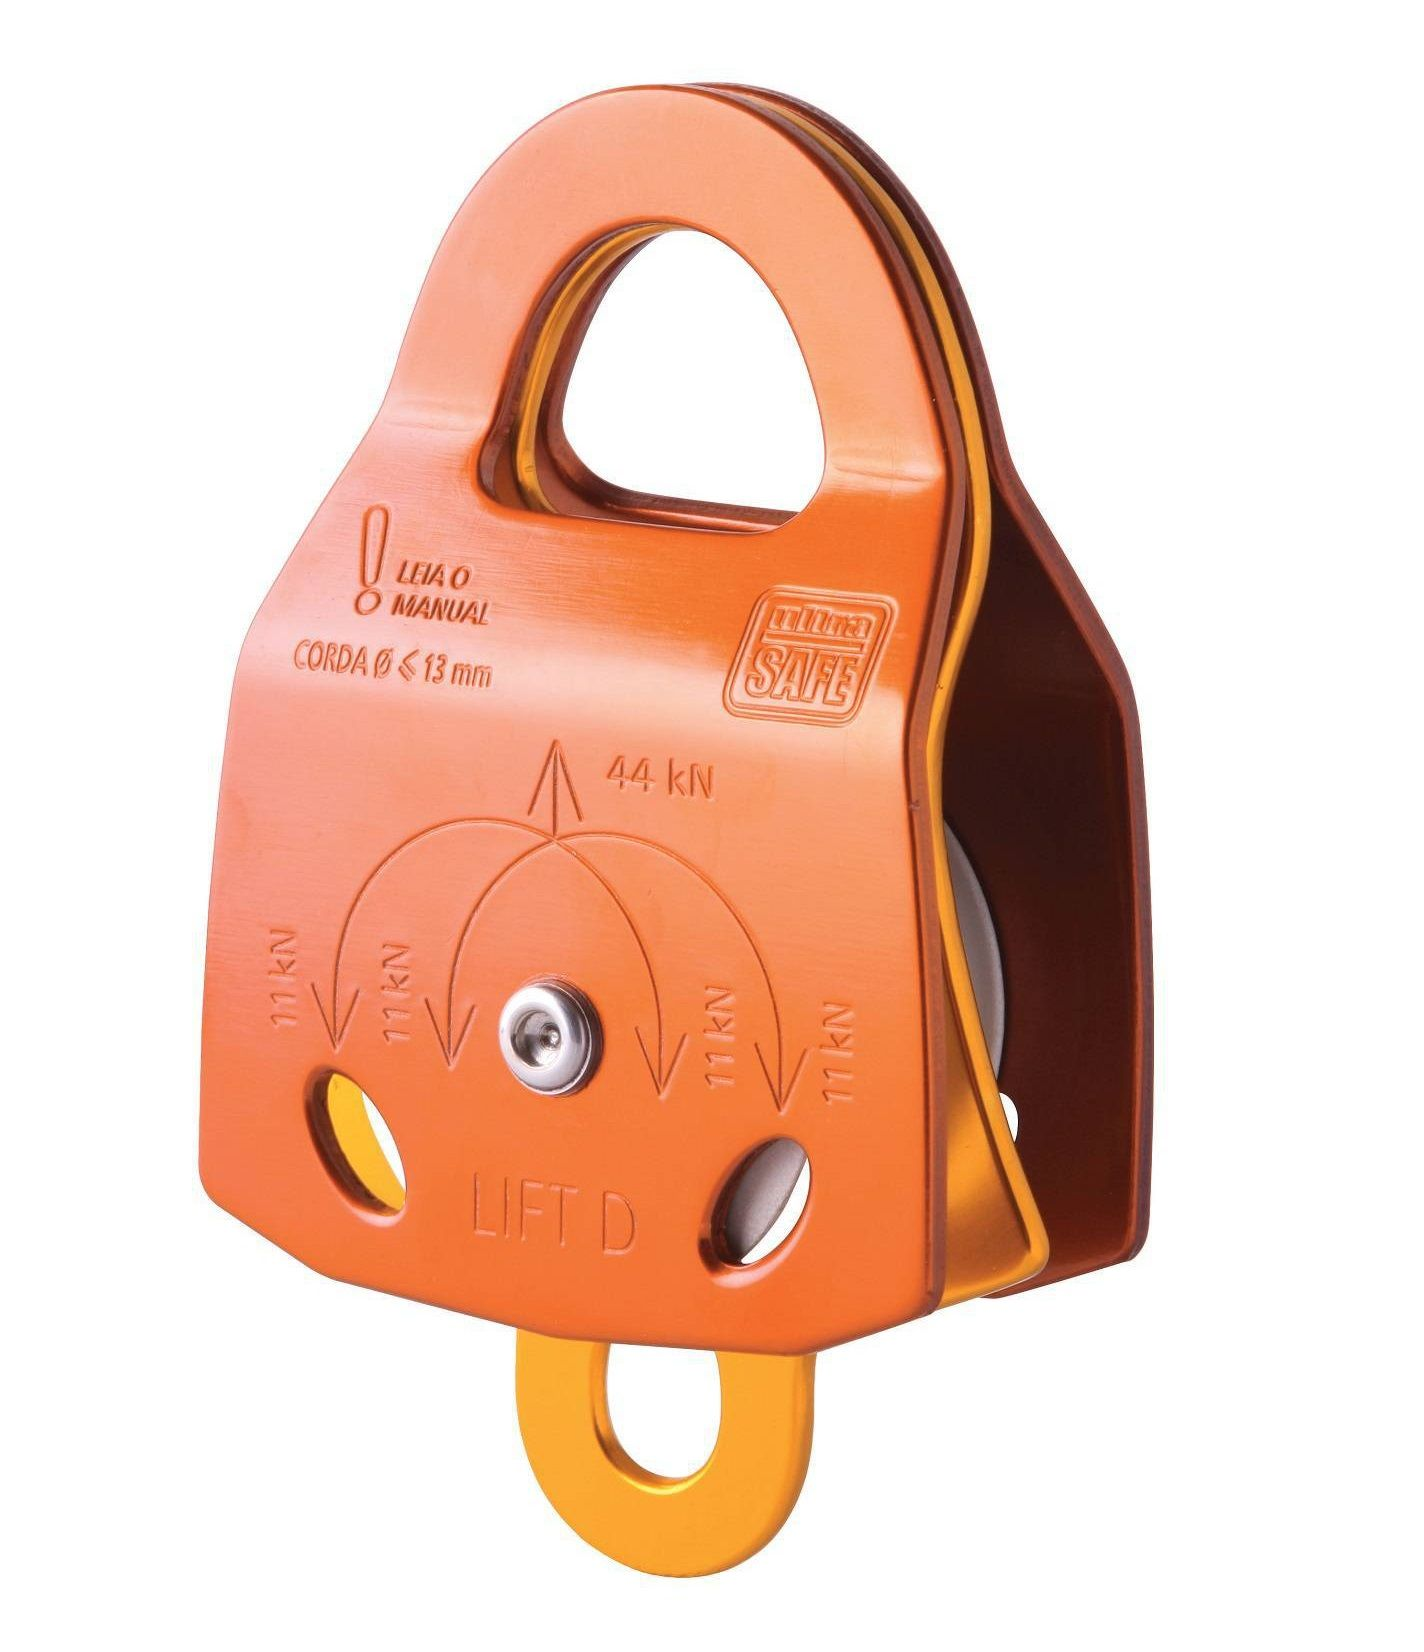 Polia Dupla Duraluminio Oscilantes 44kn Lift D Ultra Safe